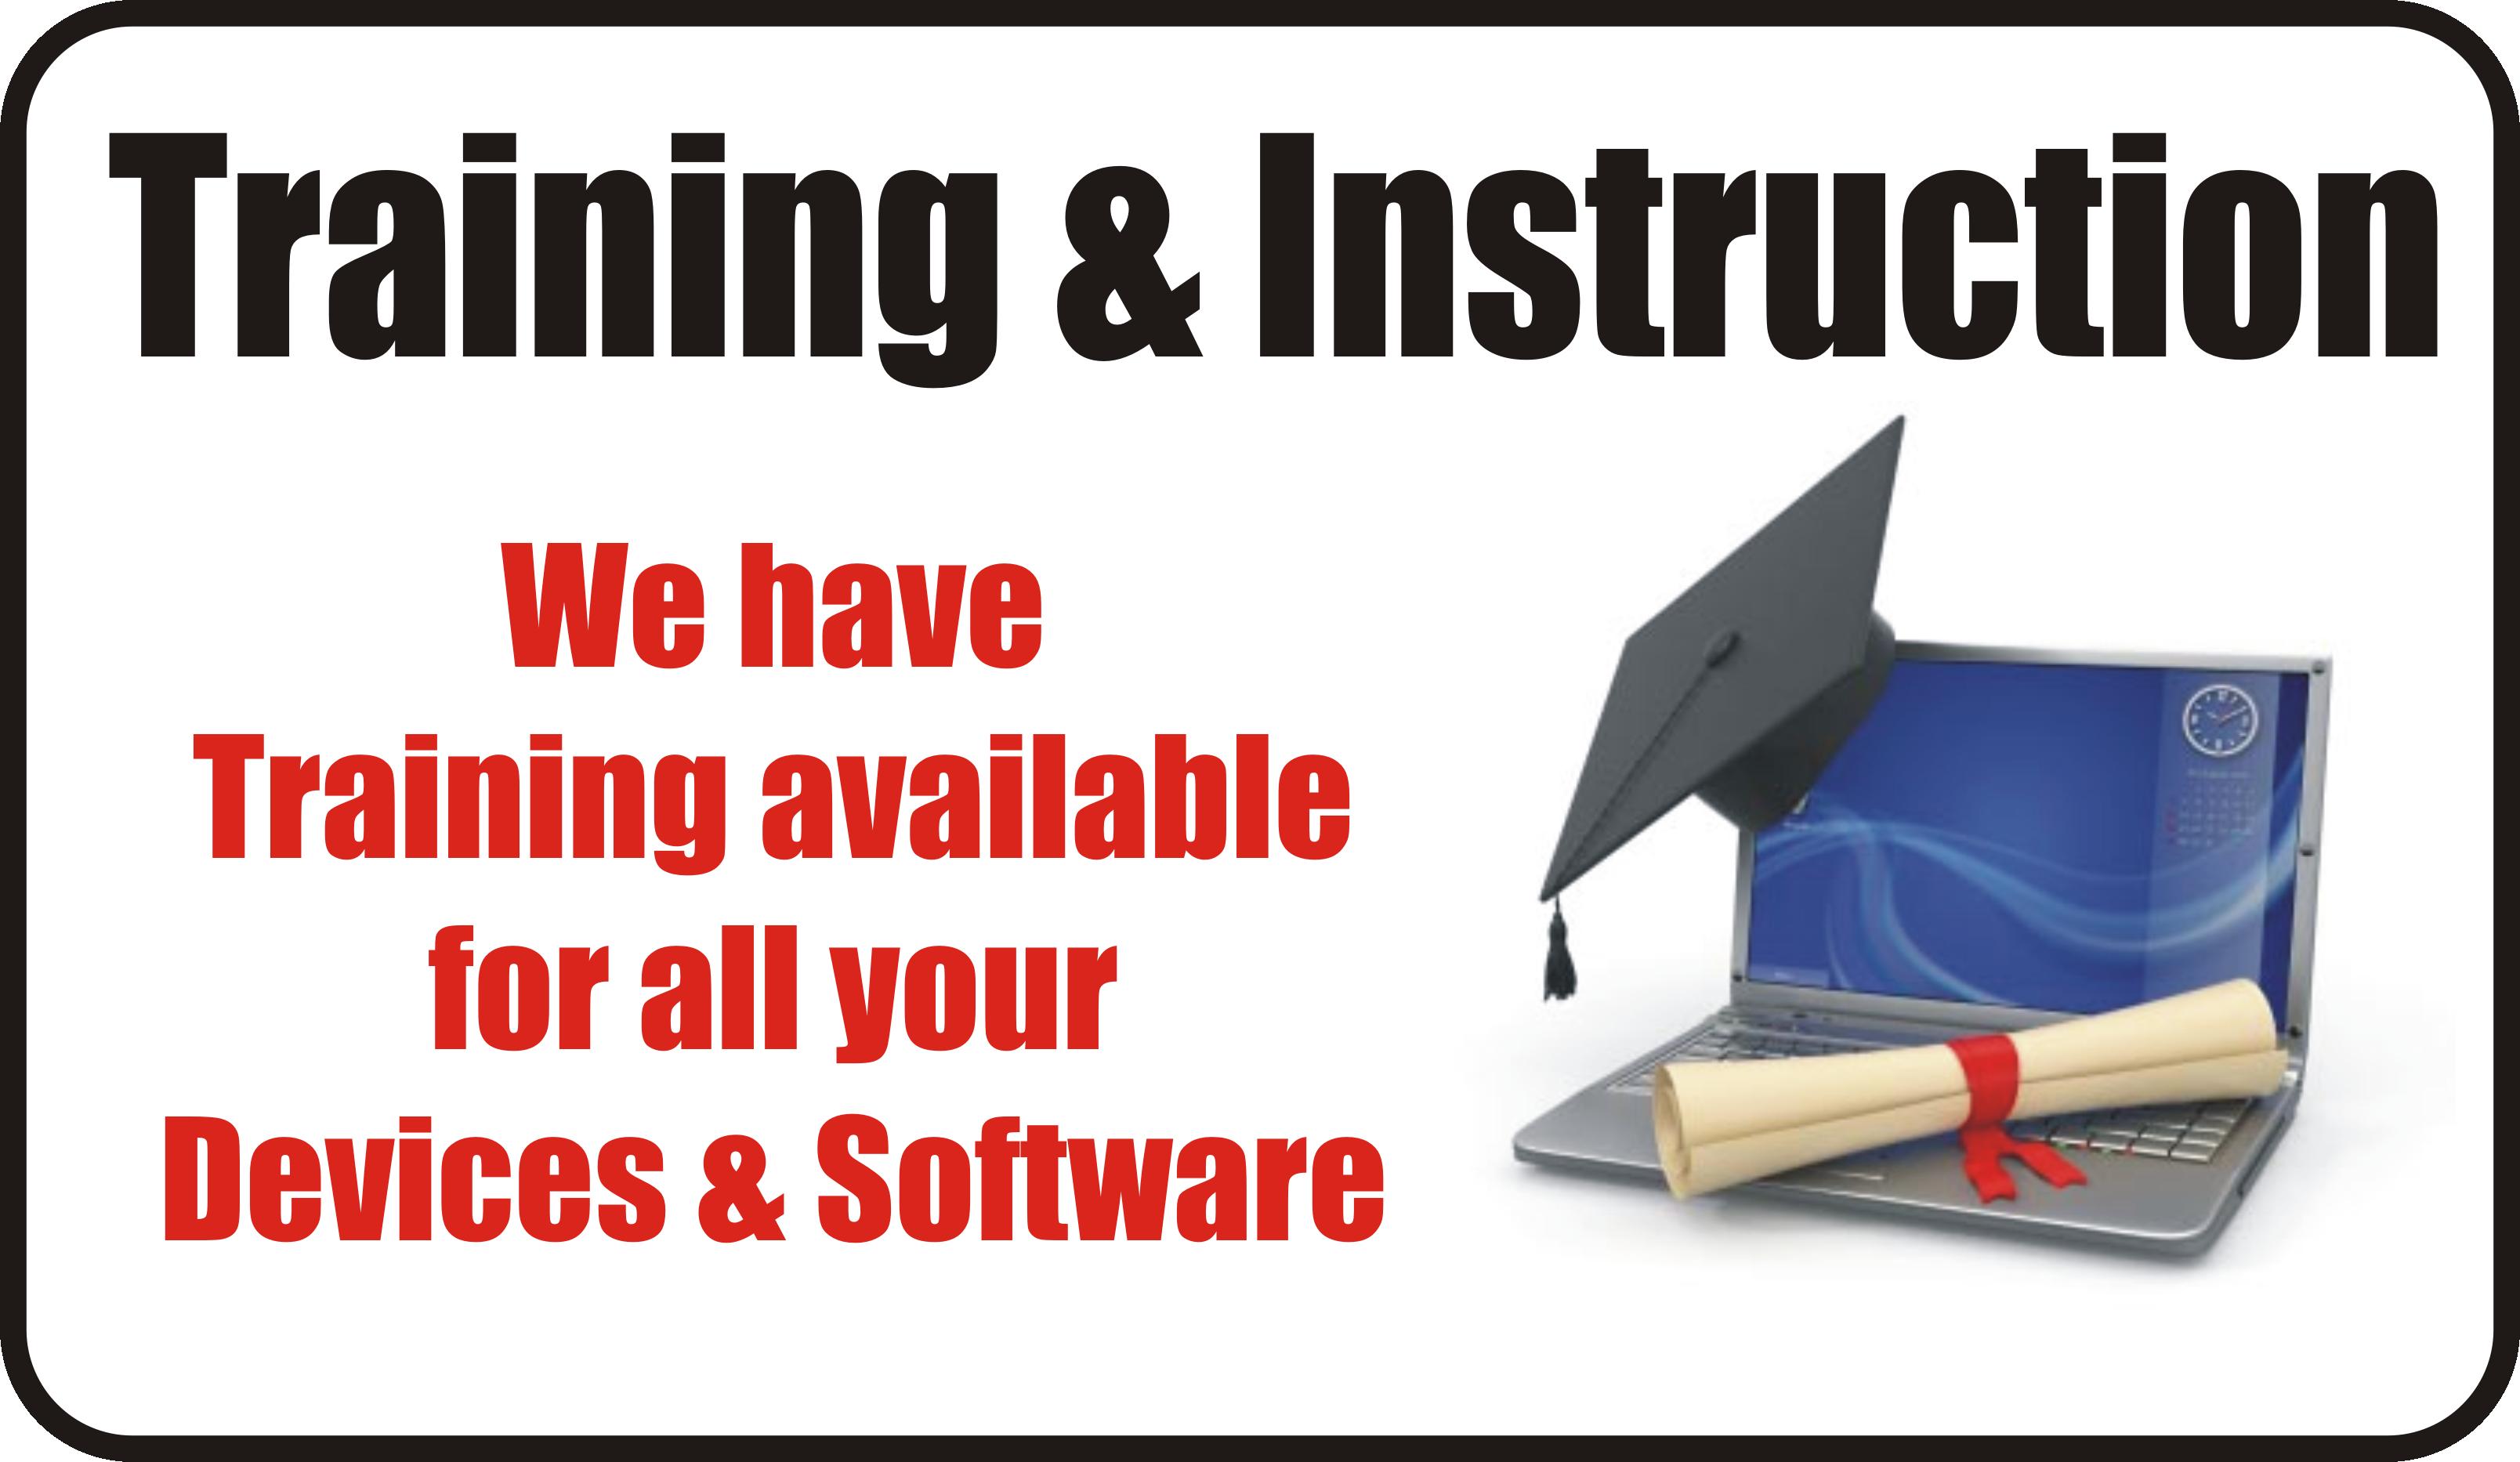 Training & Instruction